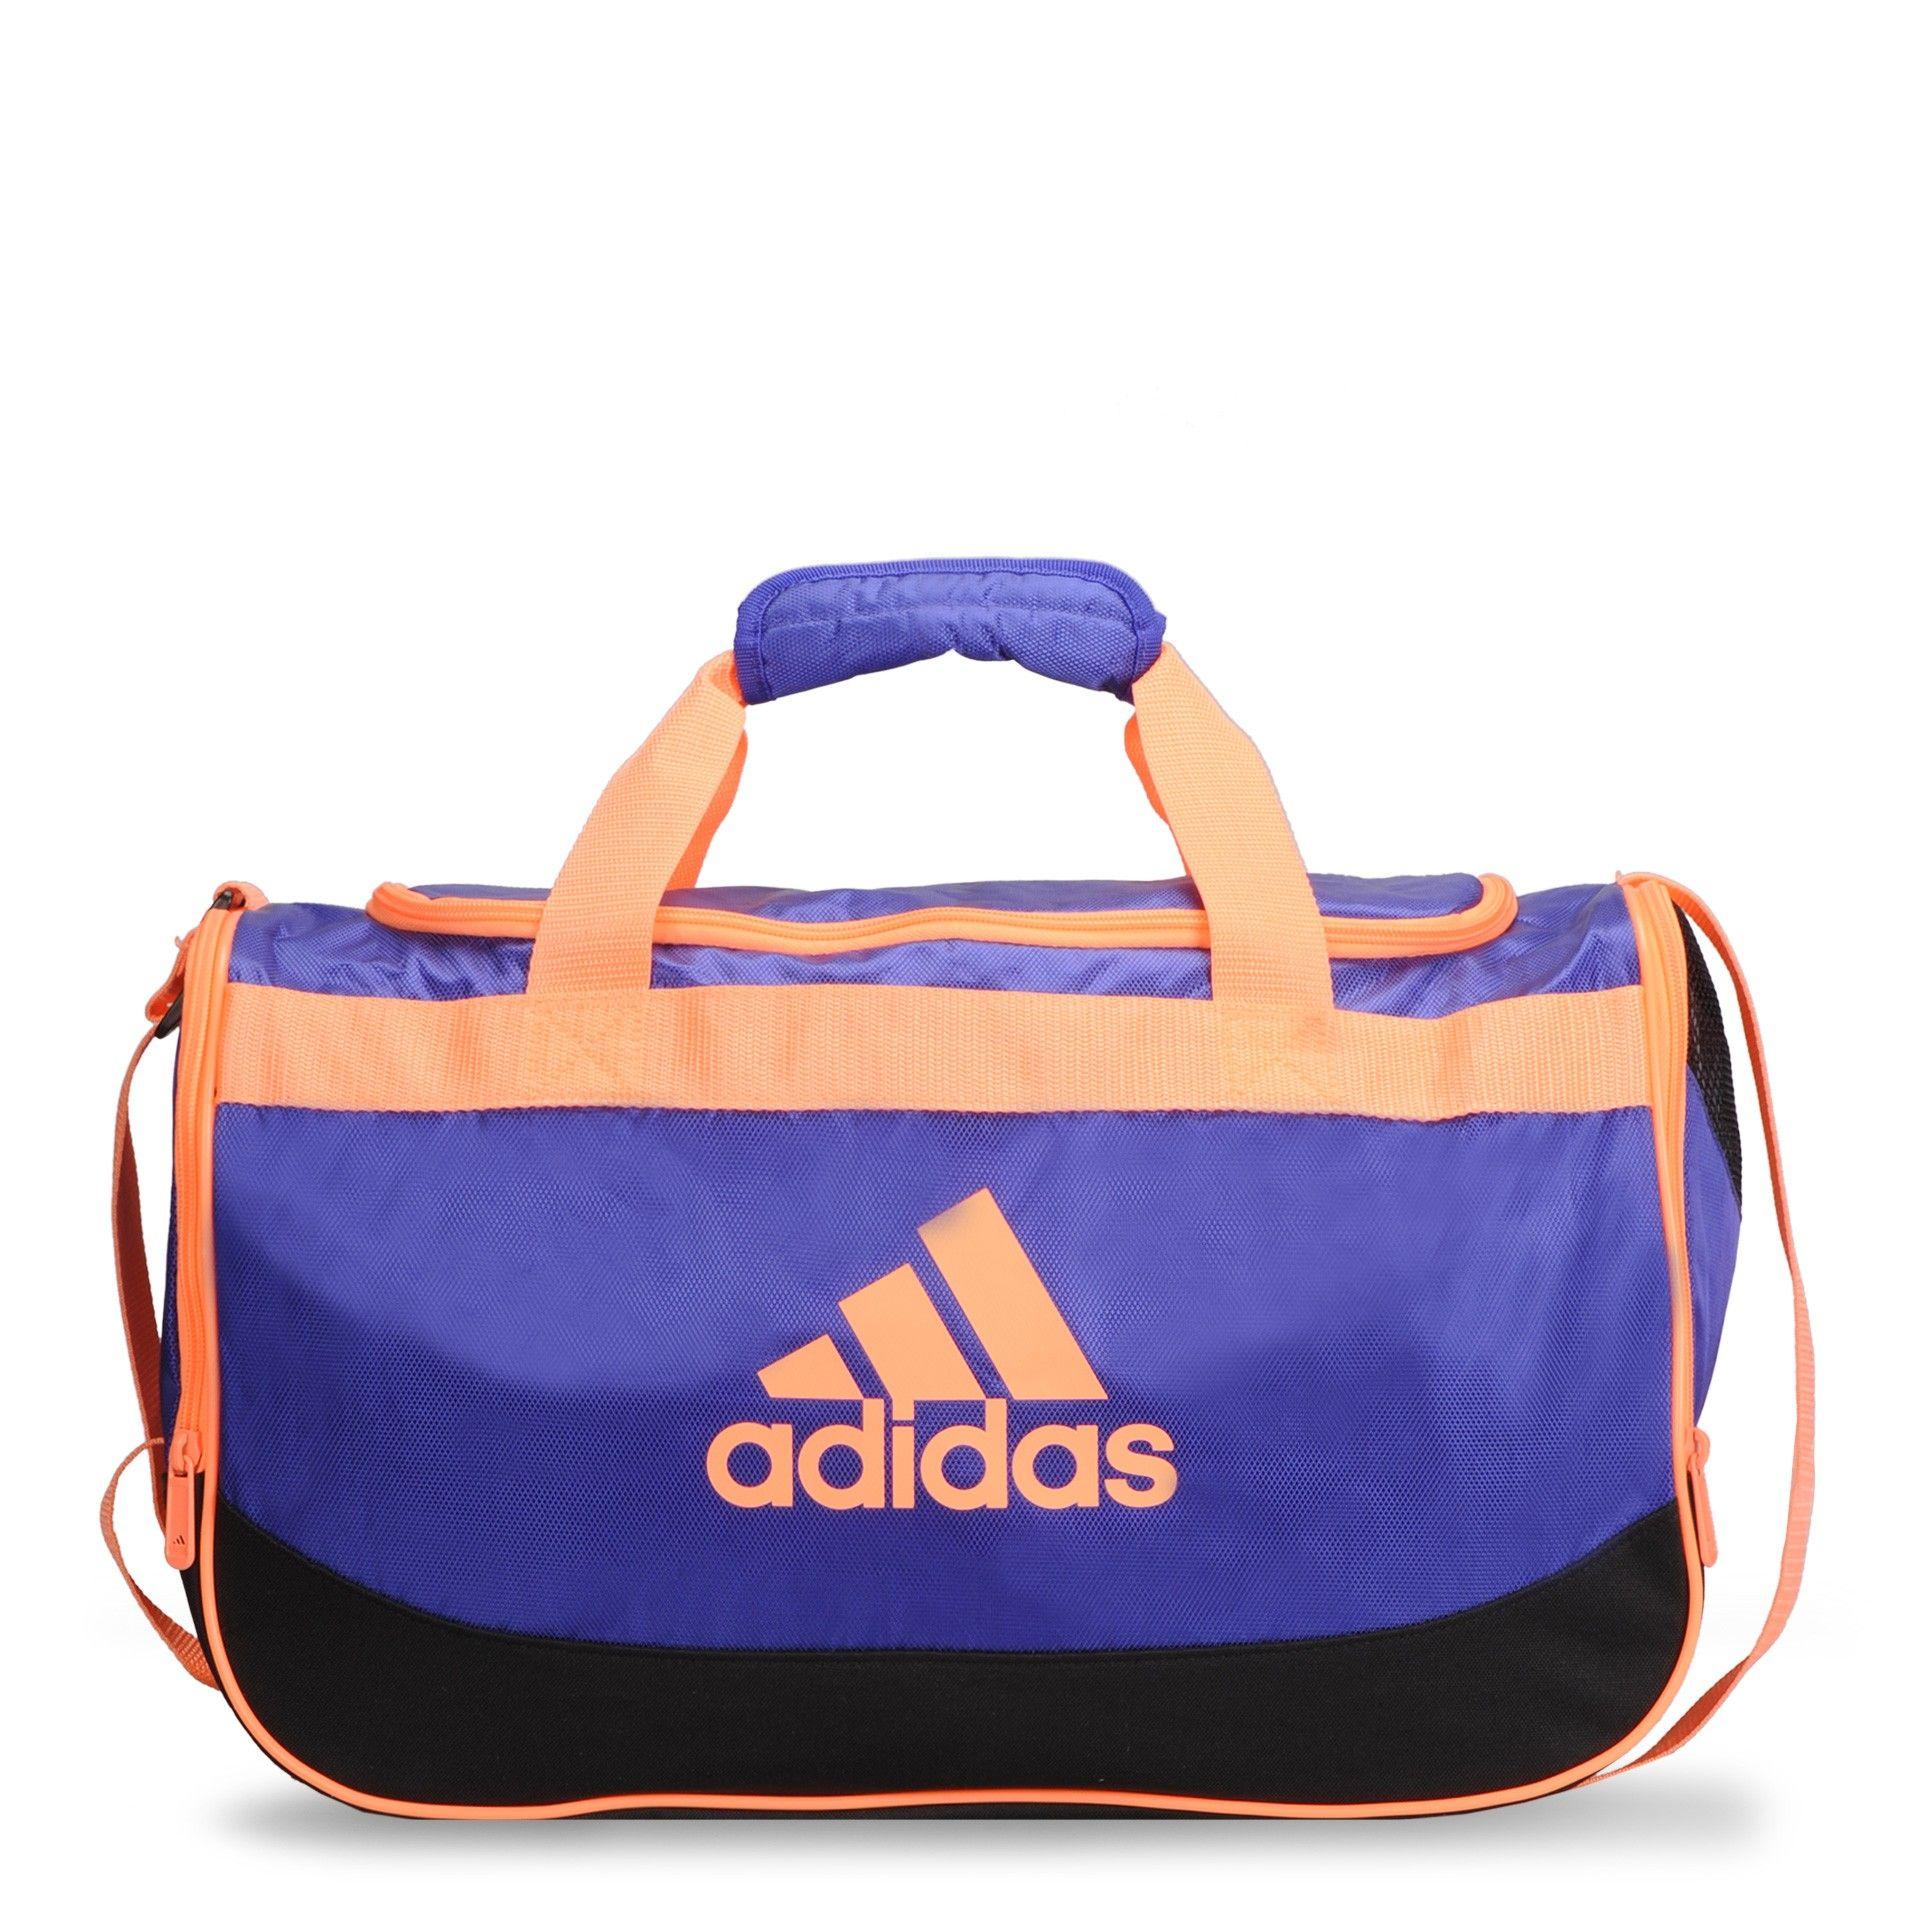 Gym Bag Adidas Bags Gym Bag Duffle Bag